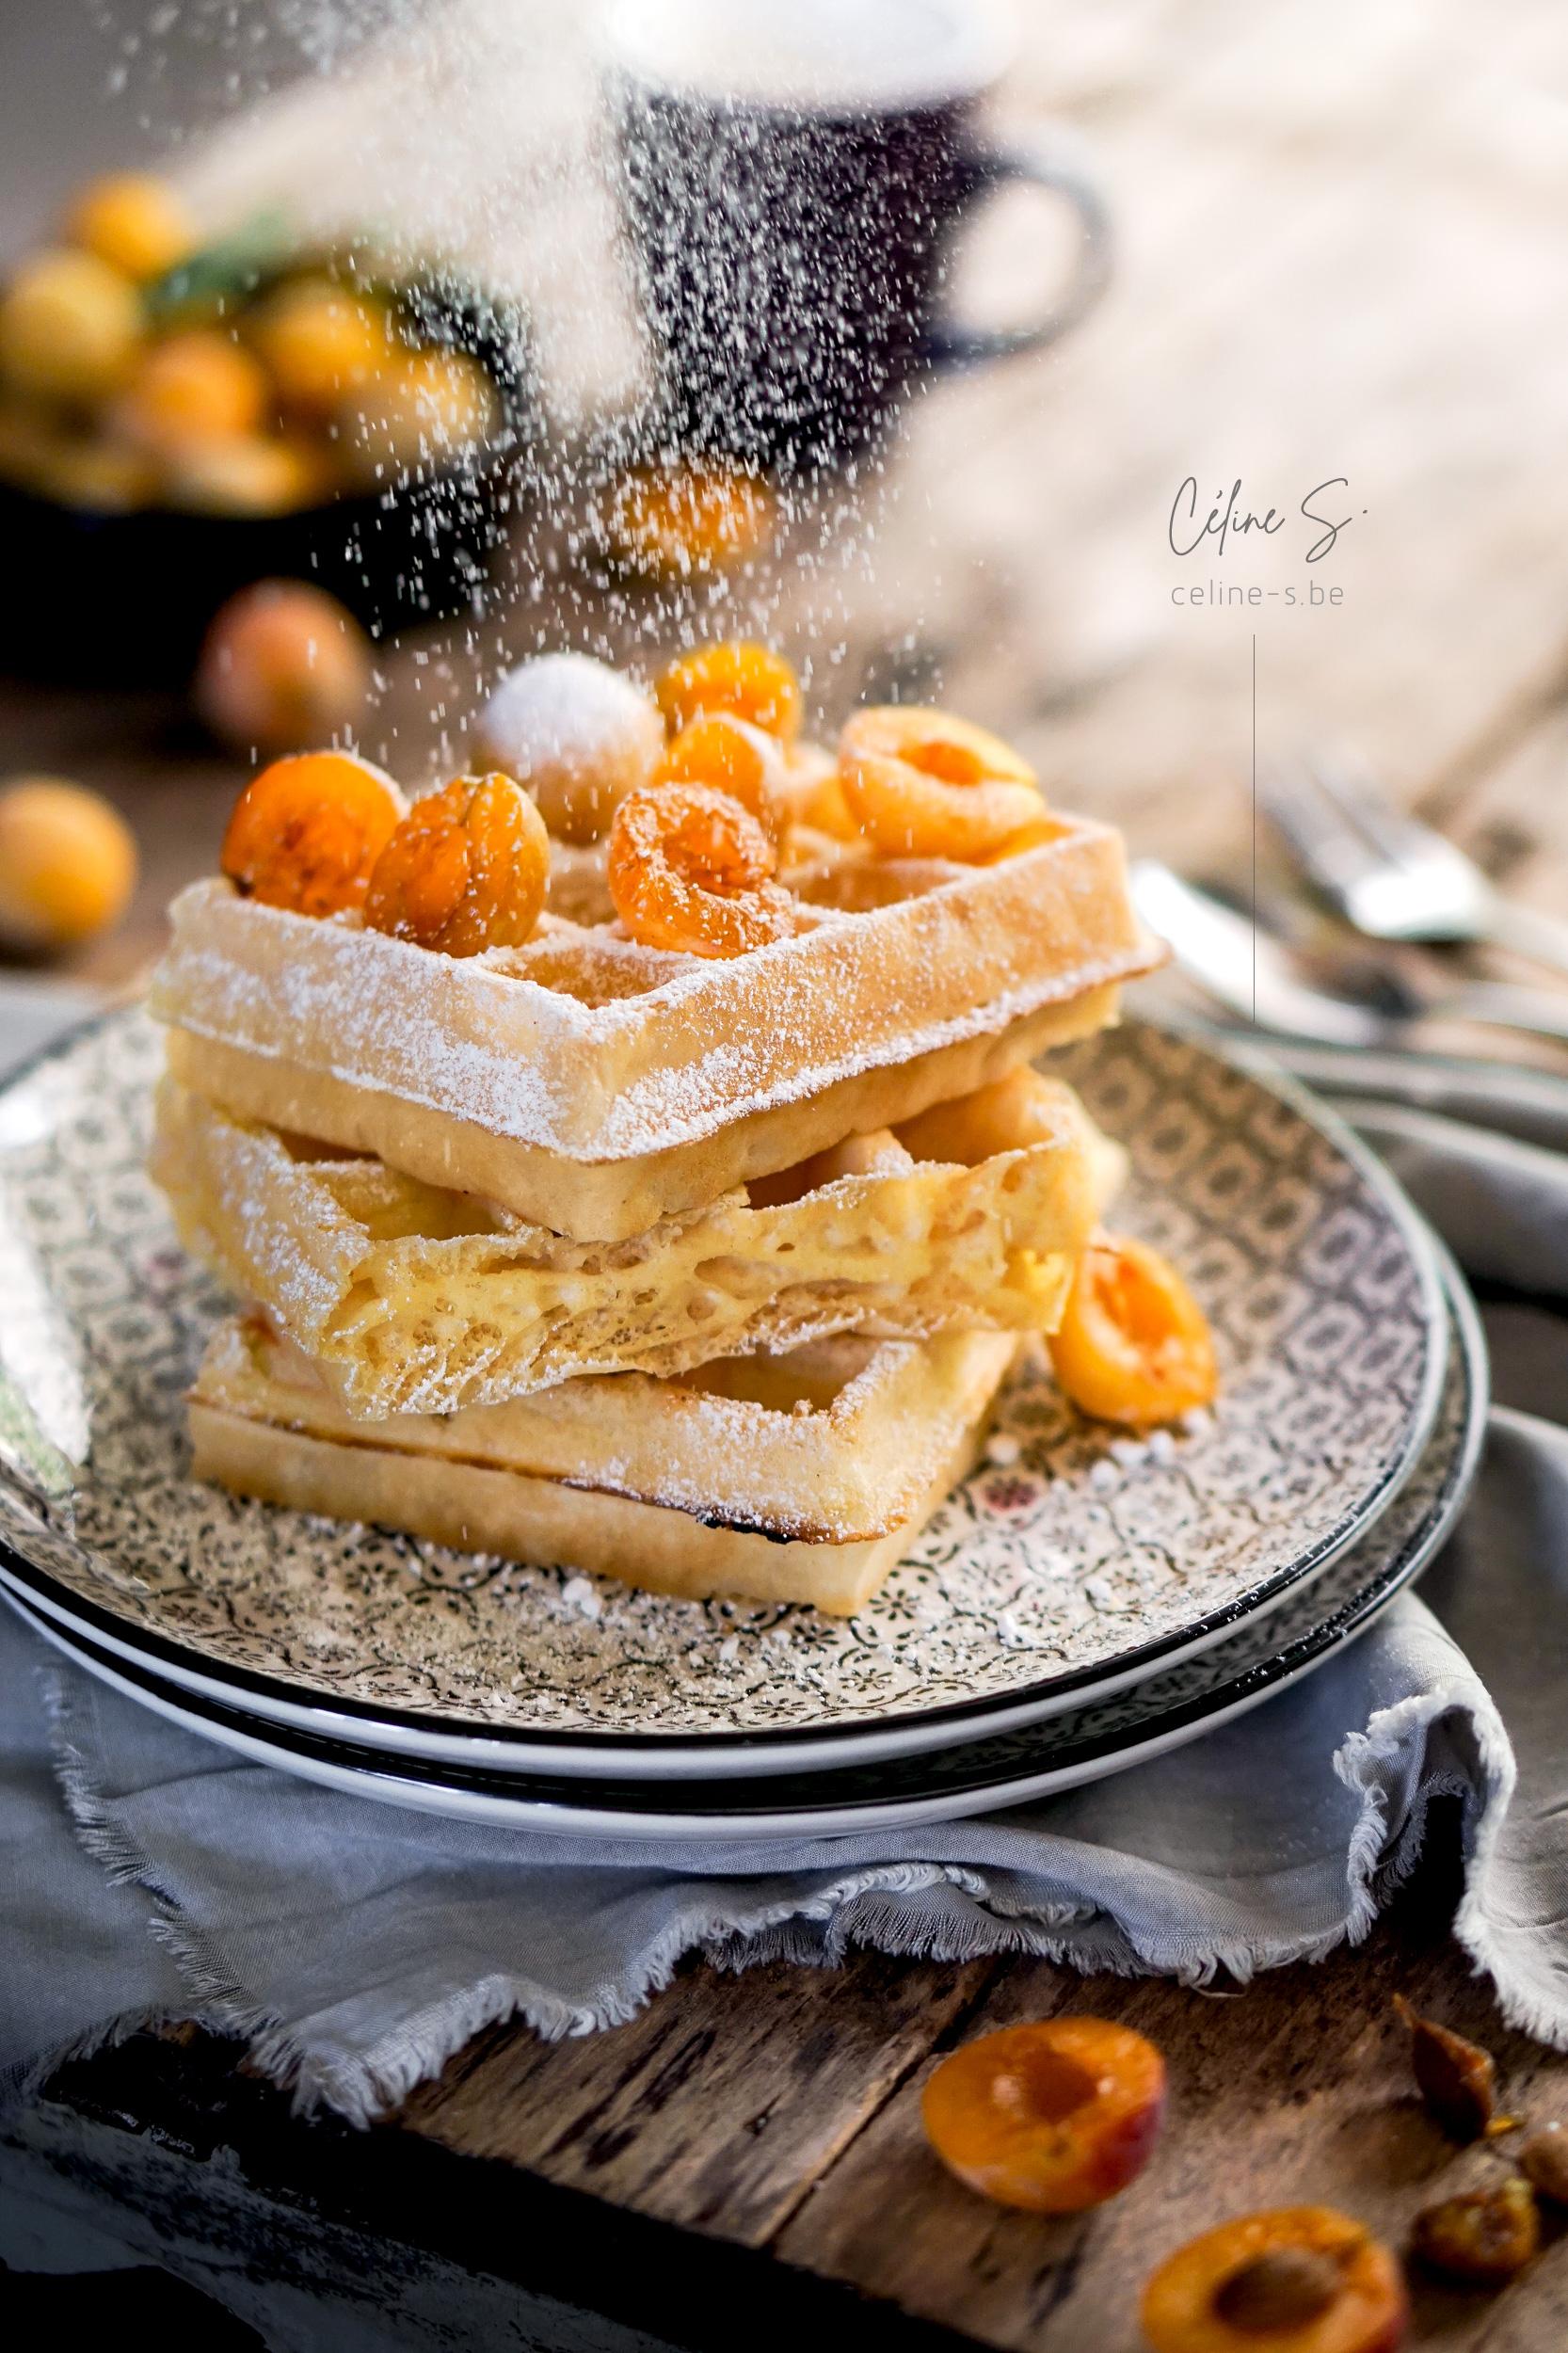 Céline Stiévenard - food photo - photo et styliste culinaire - gaufre de bruxelles au sucre et reine-claude